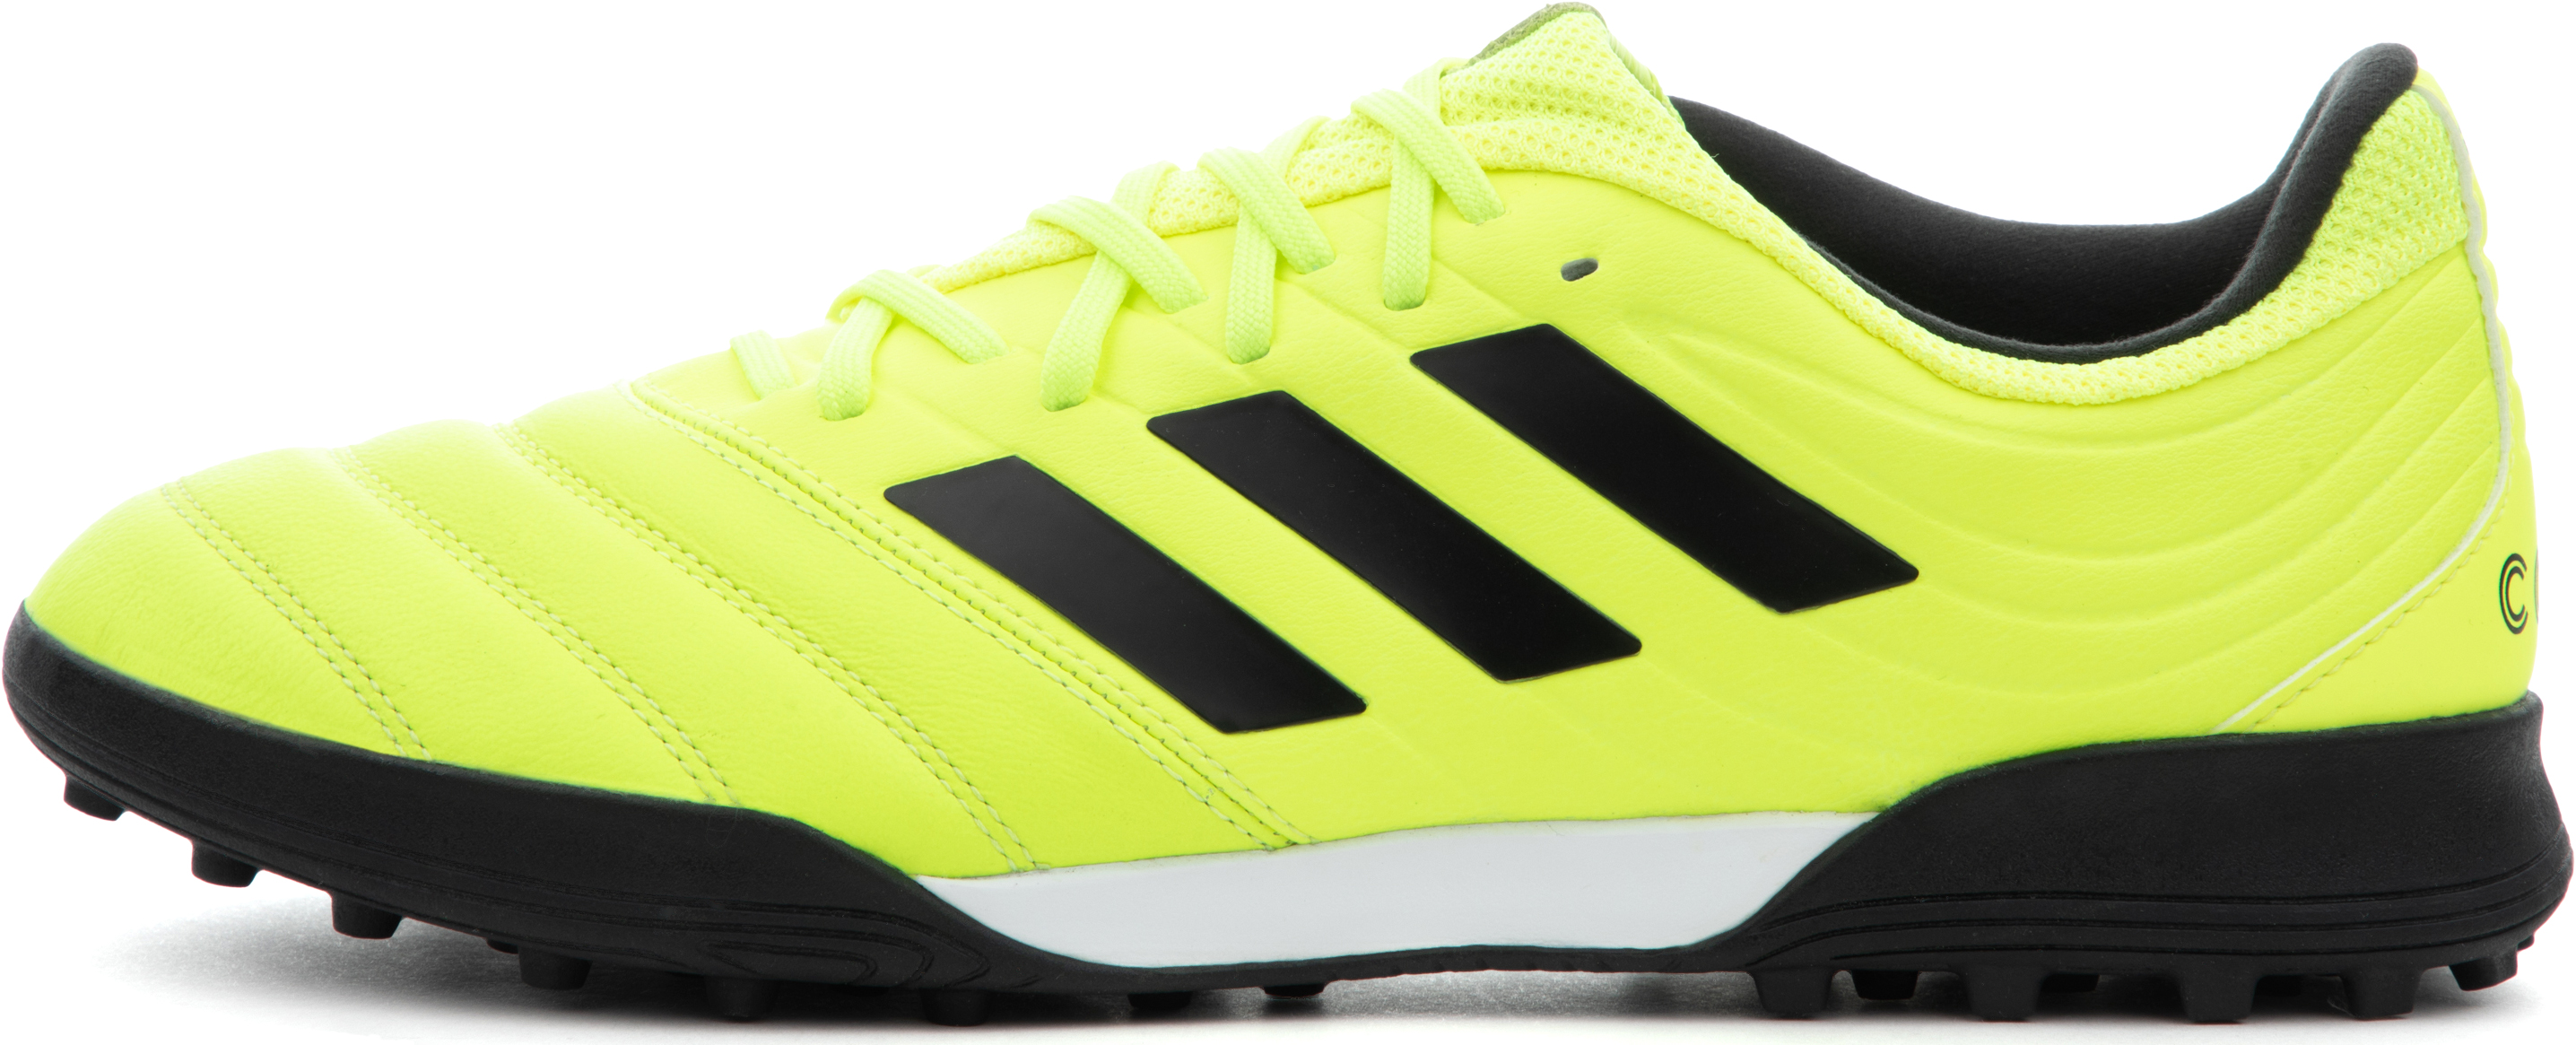 Adidas Бутсы мужские Copa 19.3 TF, размер 44,5